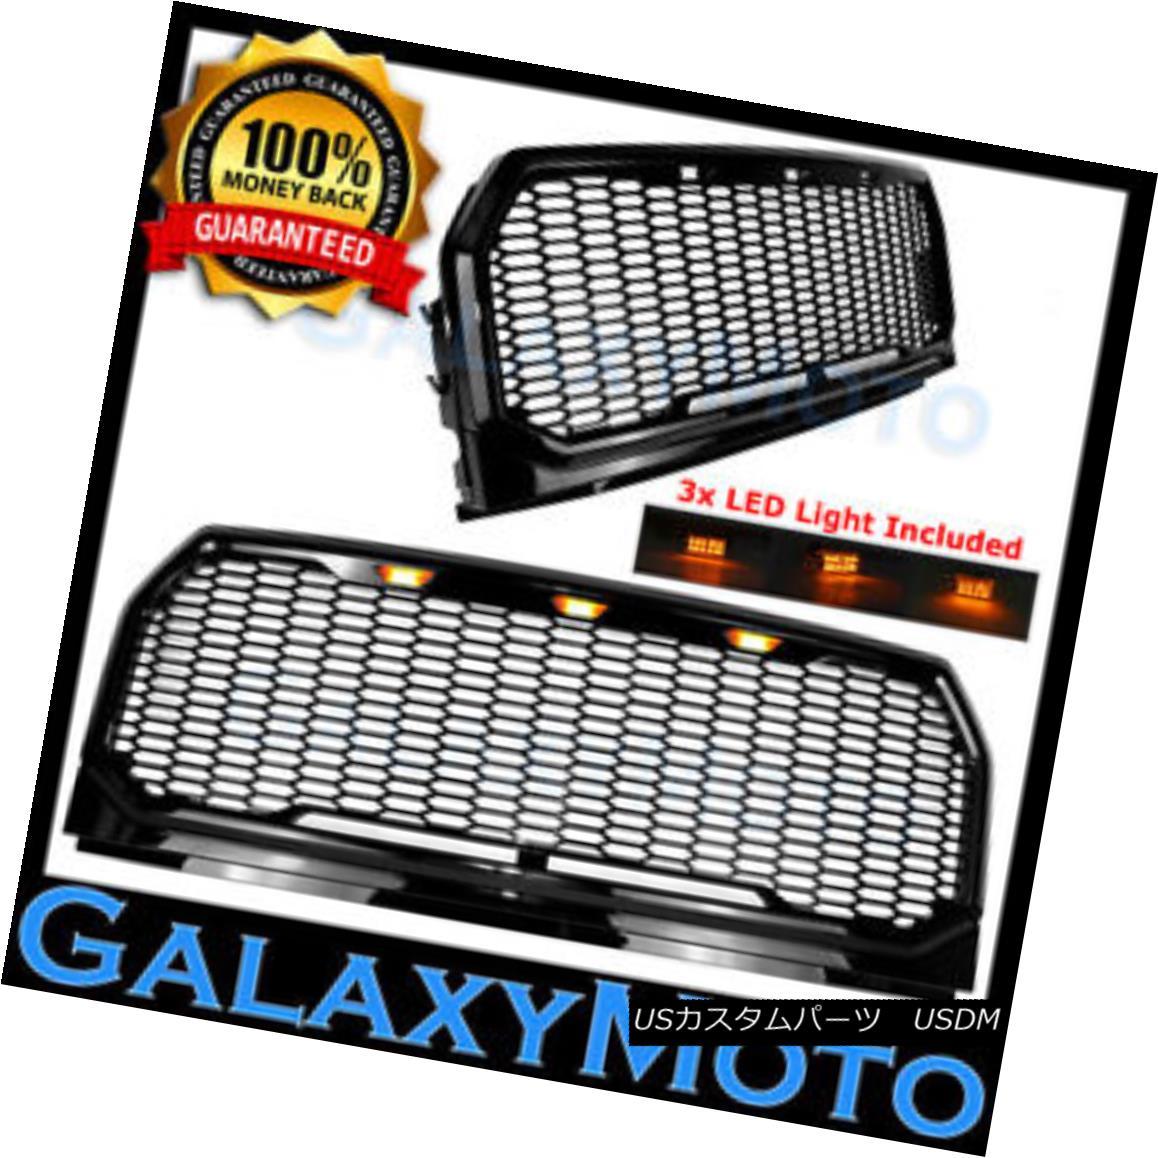 グリル 15-17 Ford F150 Raptor Style Black Front Hood Replacement Mesh Grille+Shell+LED 15-17フォードF150ラプタースタイルブラックフロントフード交換メッシュグリル+シェル+ L ED